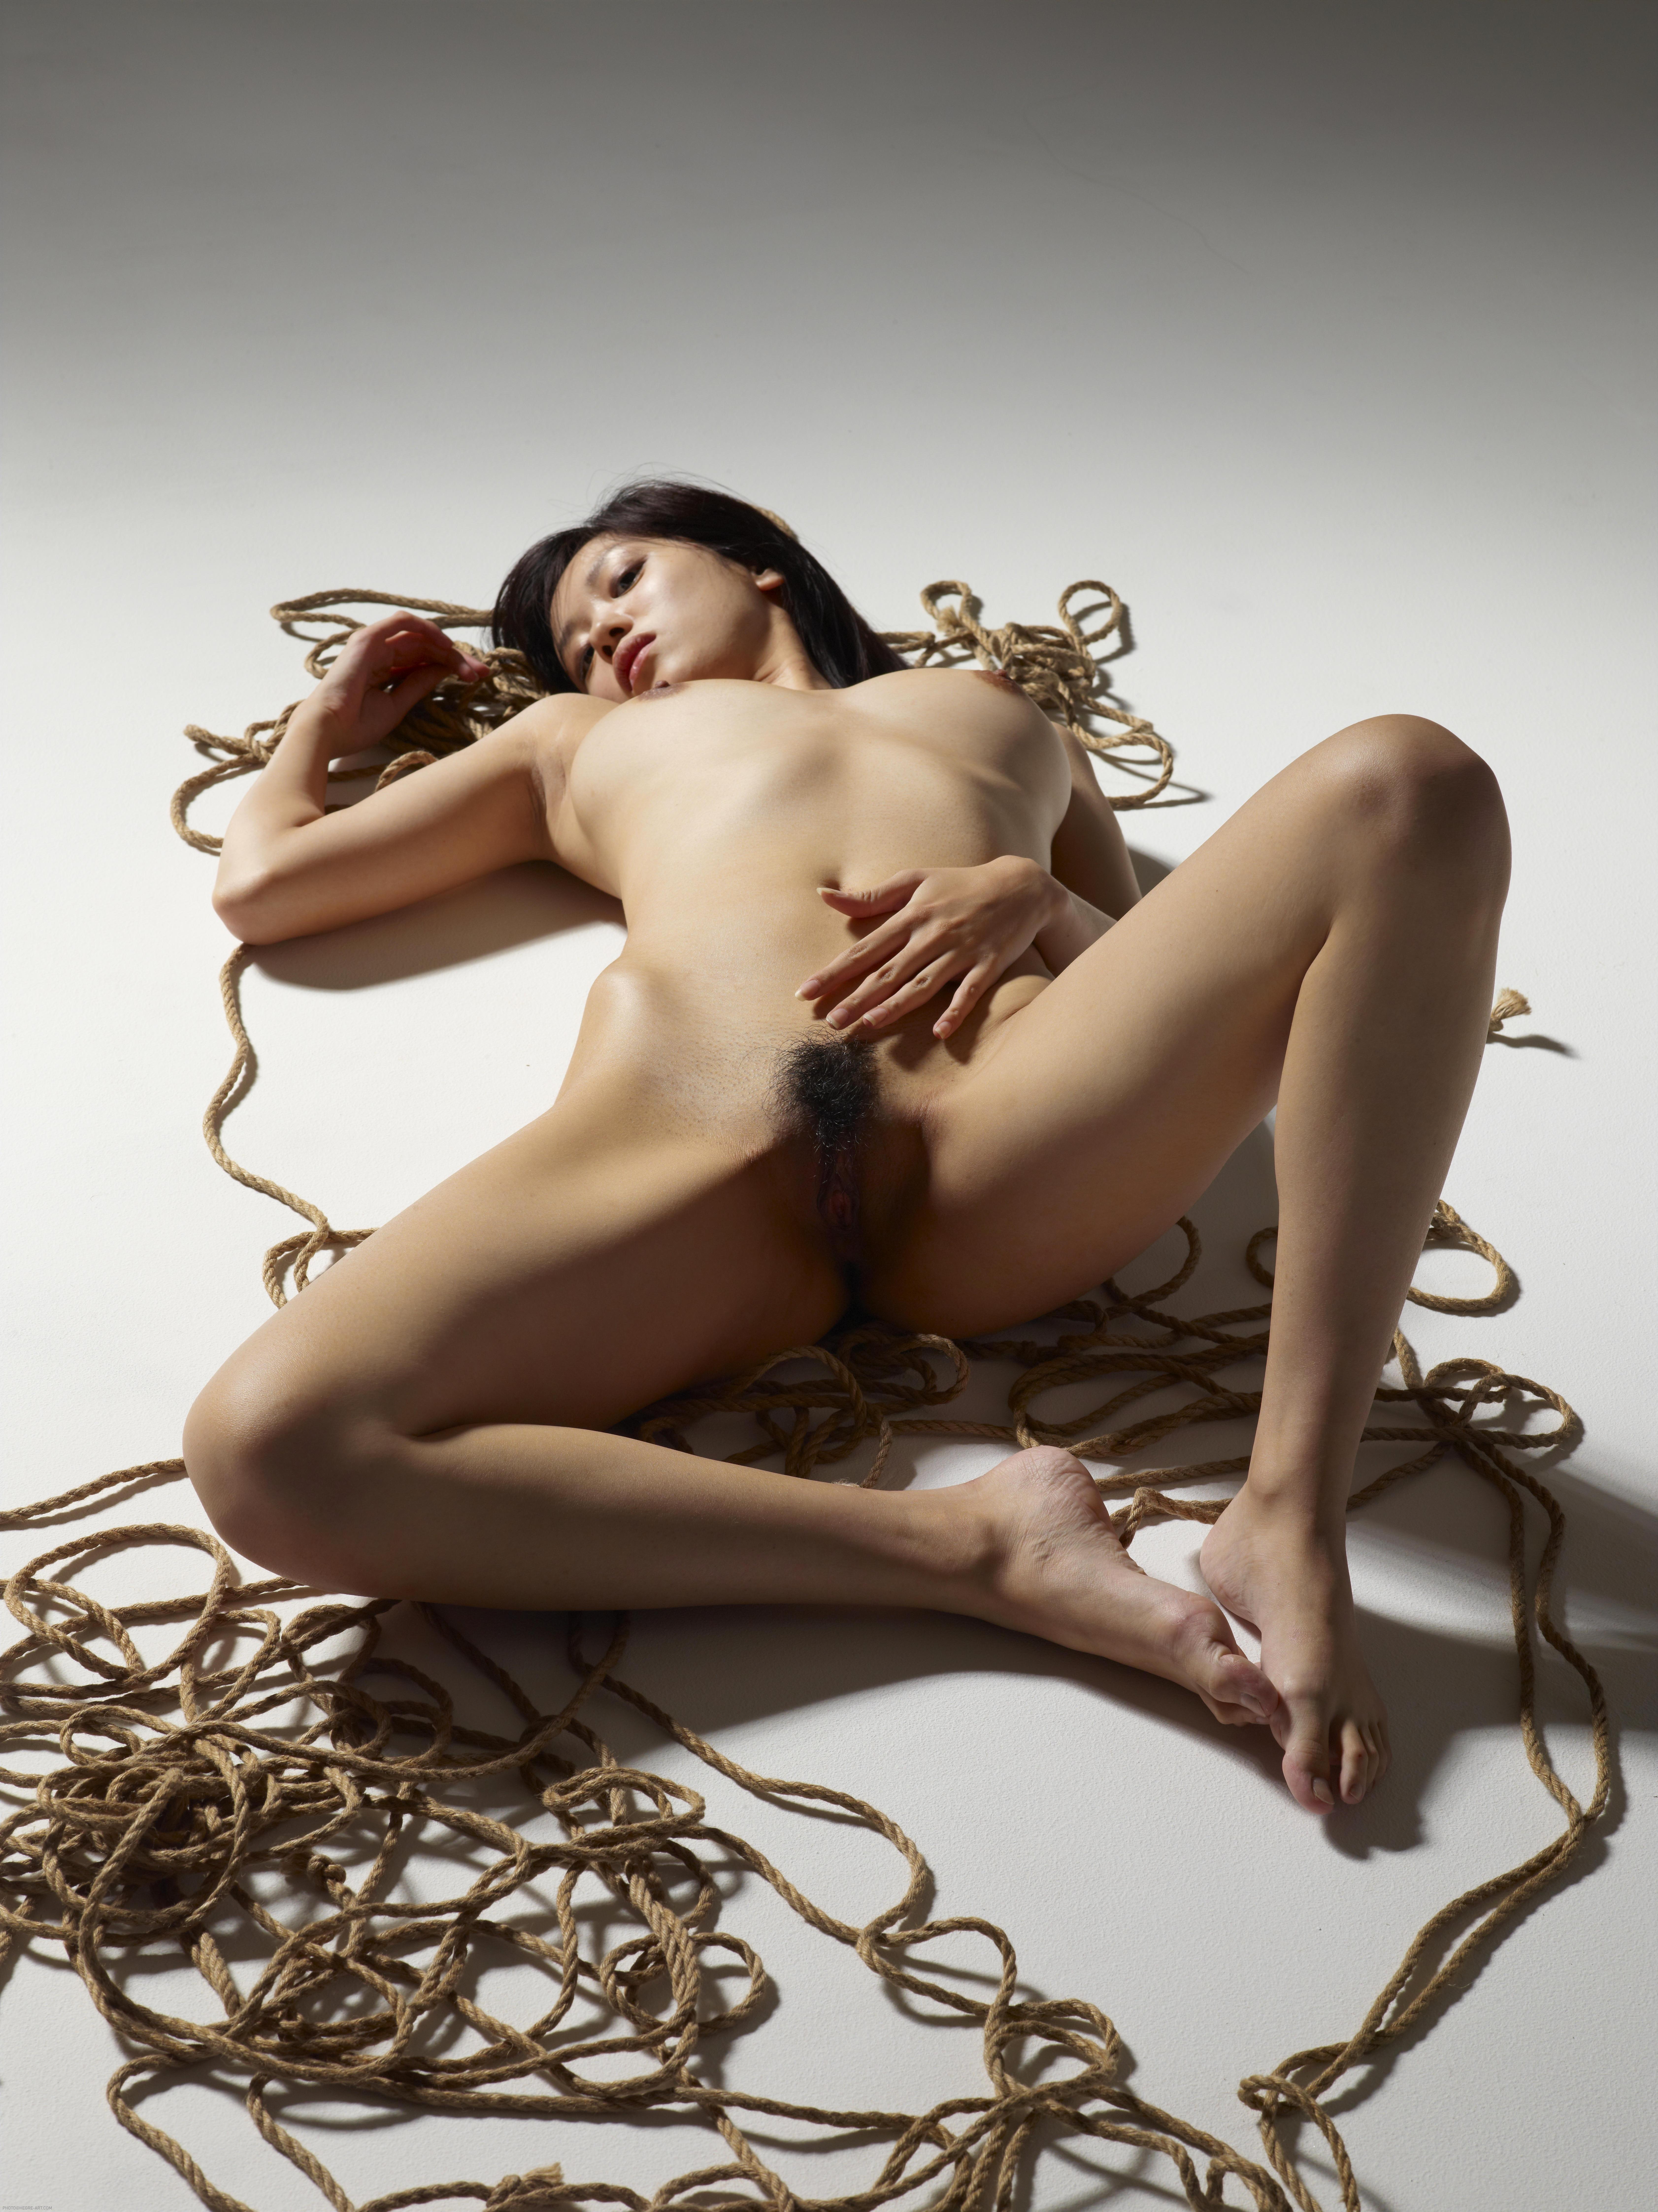 Hemp ropes konata